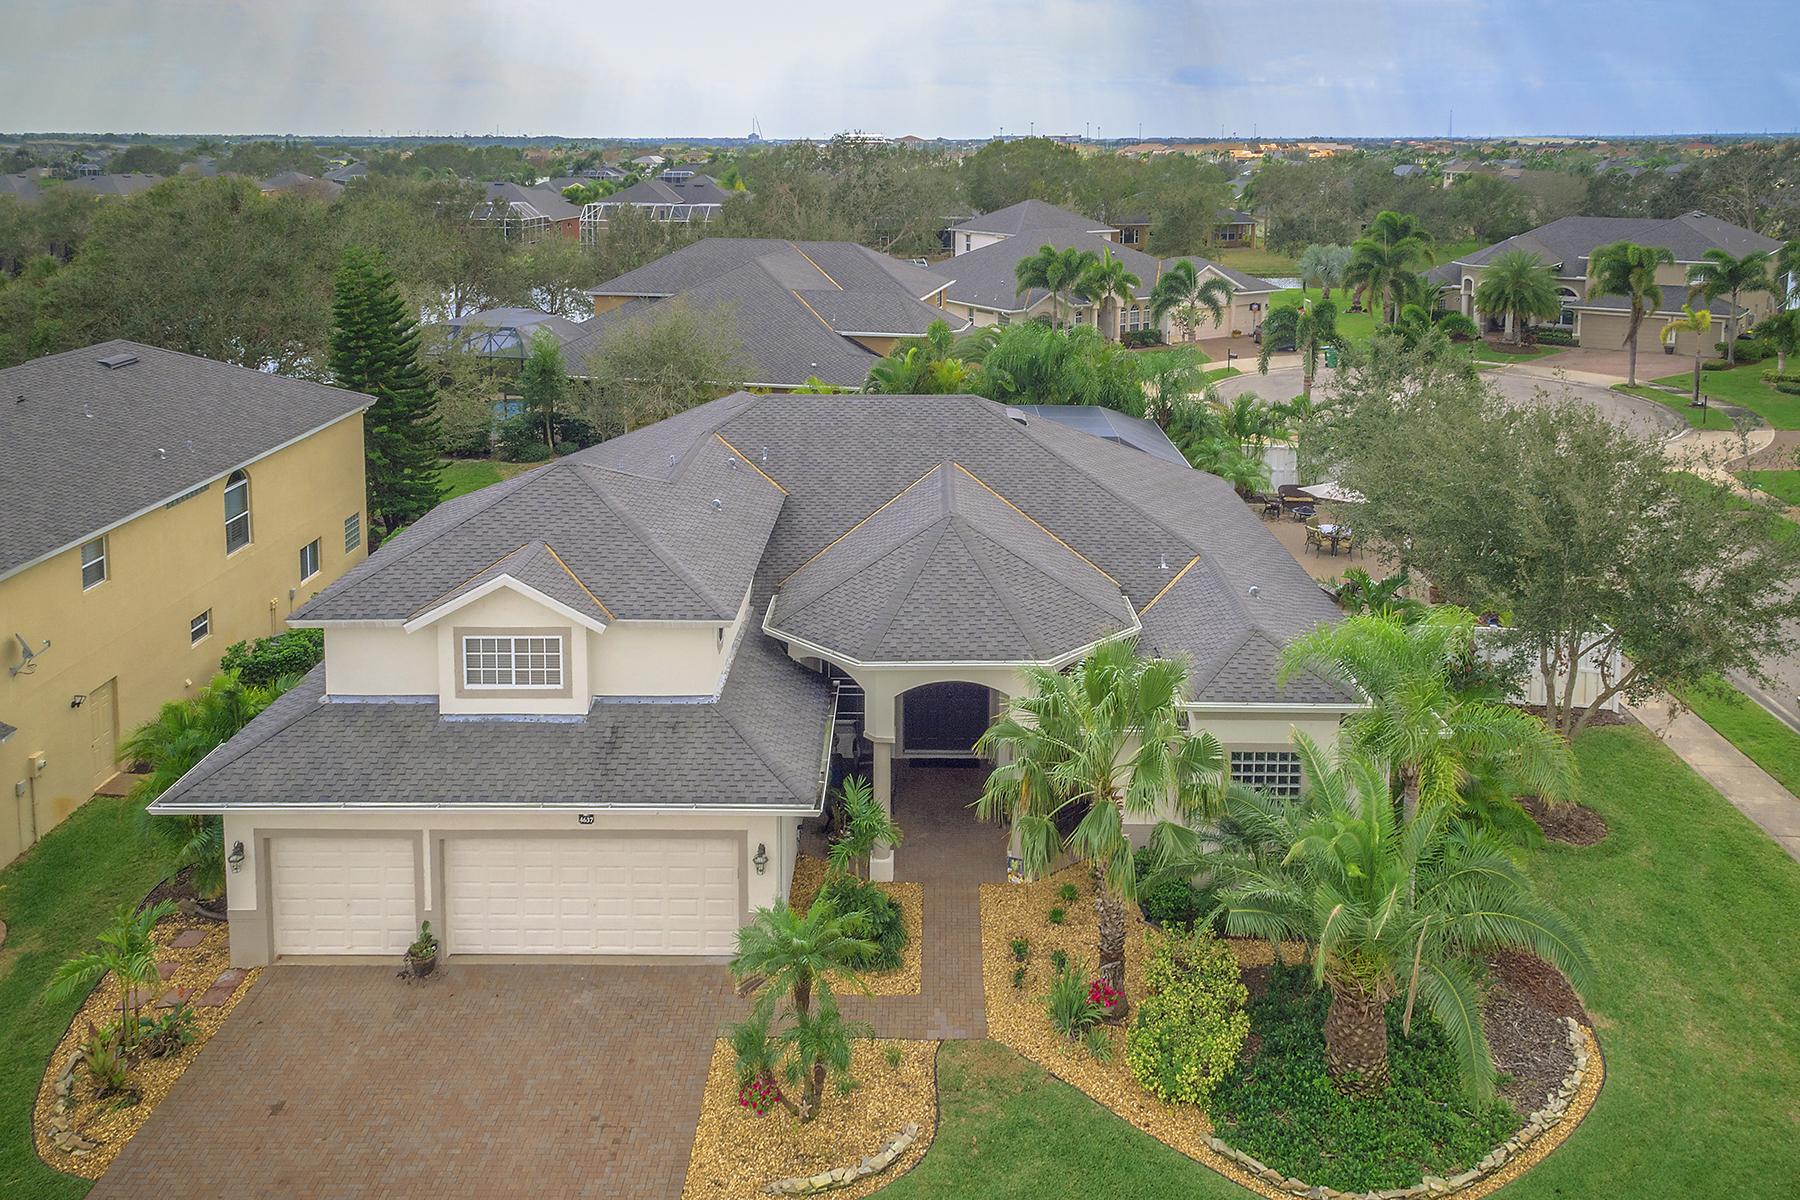 Einfamilienhaus für Verkauf beim ROCKLEDGE 4637 Merlot Dr Rockledge, Florida, 32955 Vereinigte Staaten